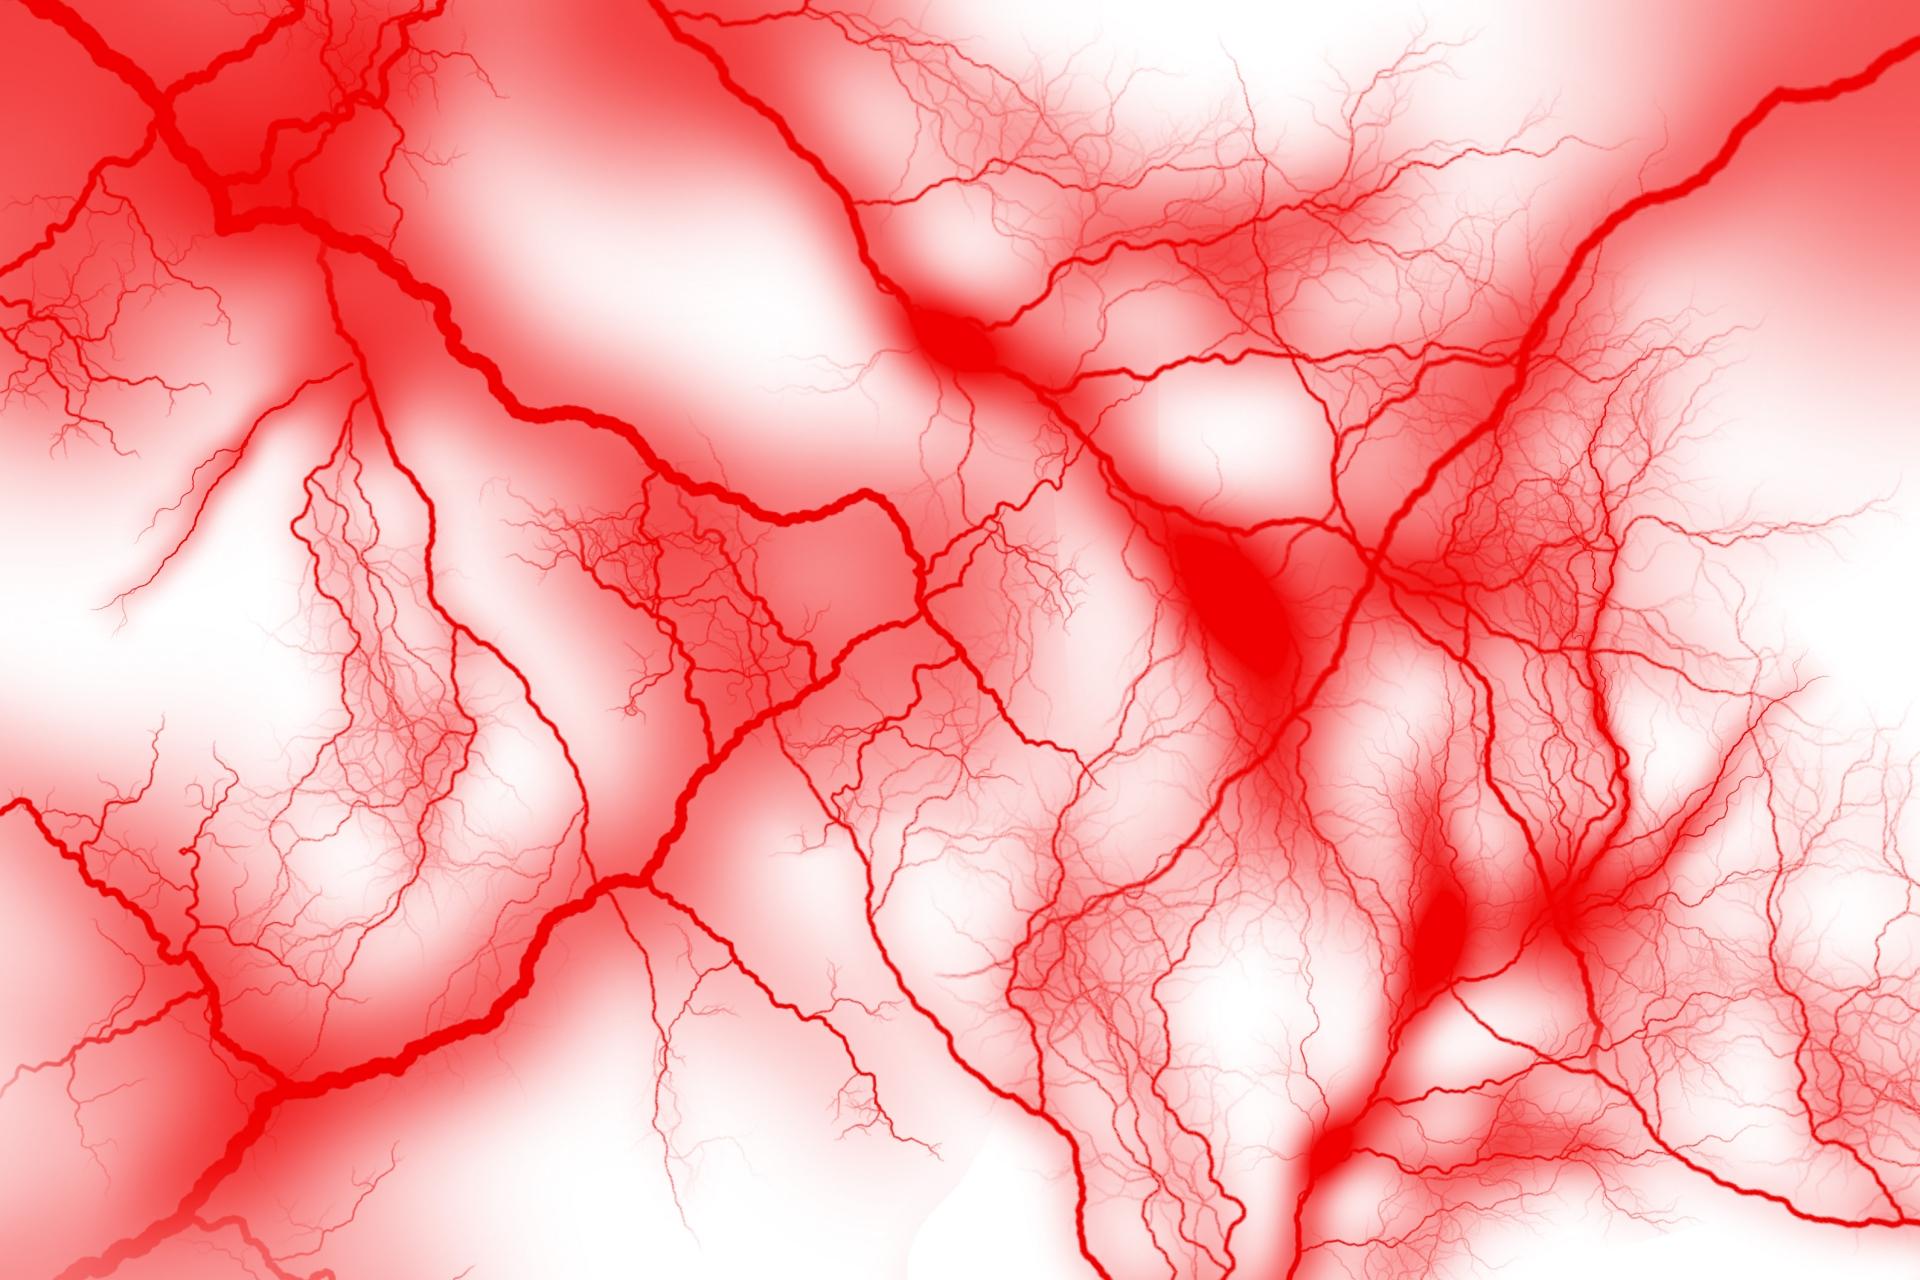 一過性脳虚血発作 イメージ